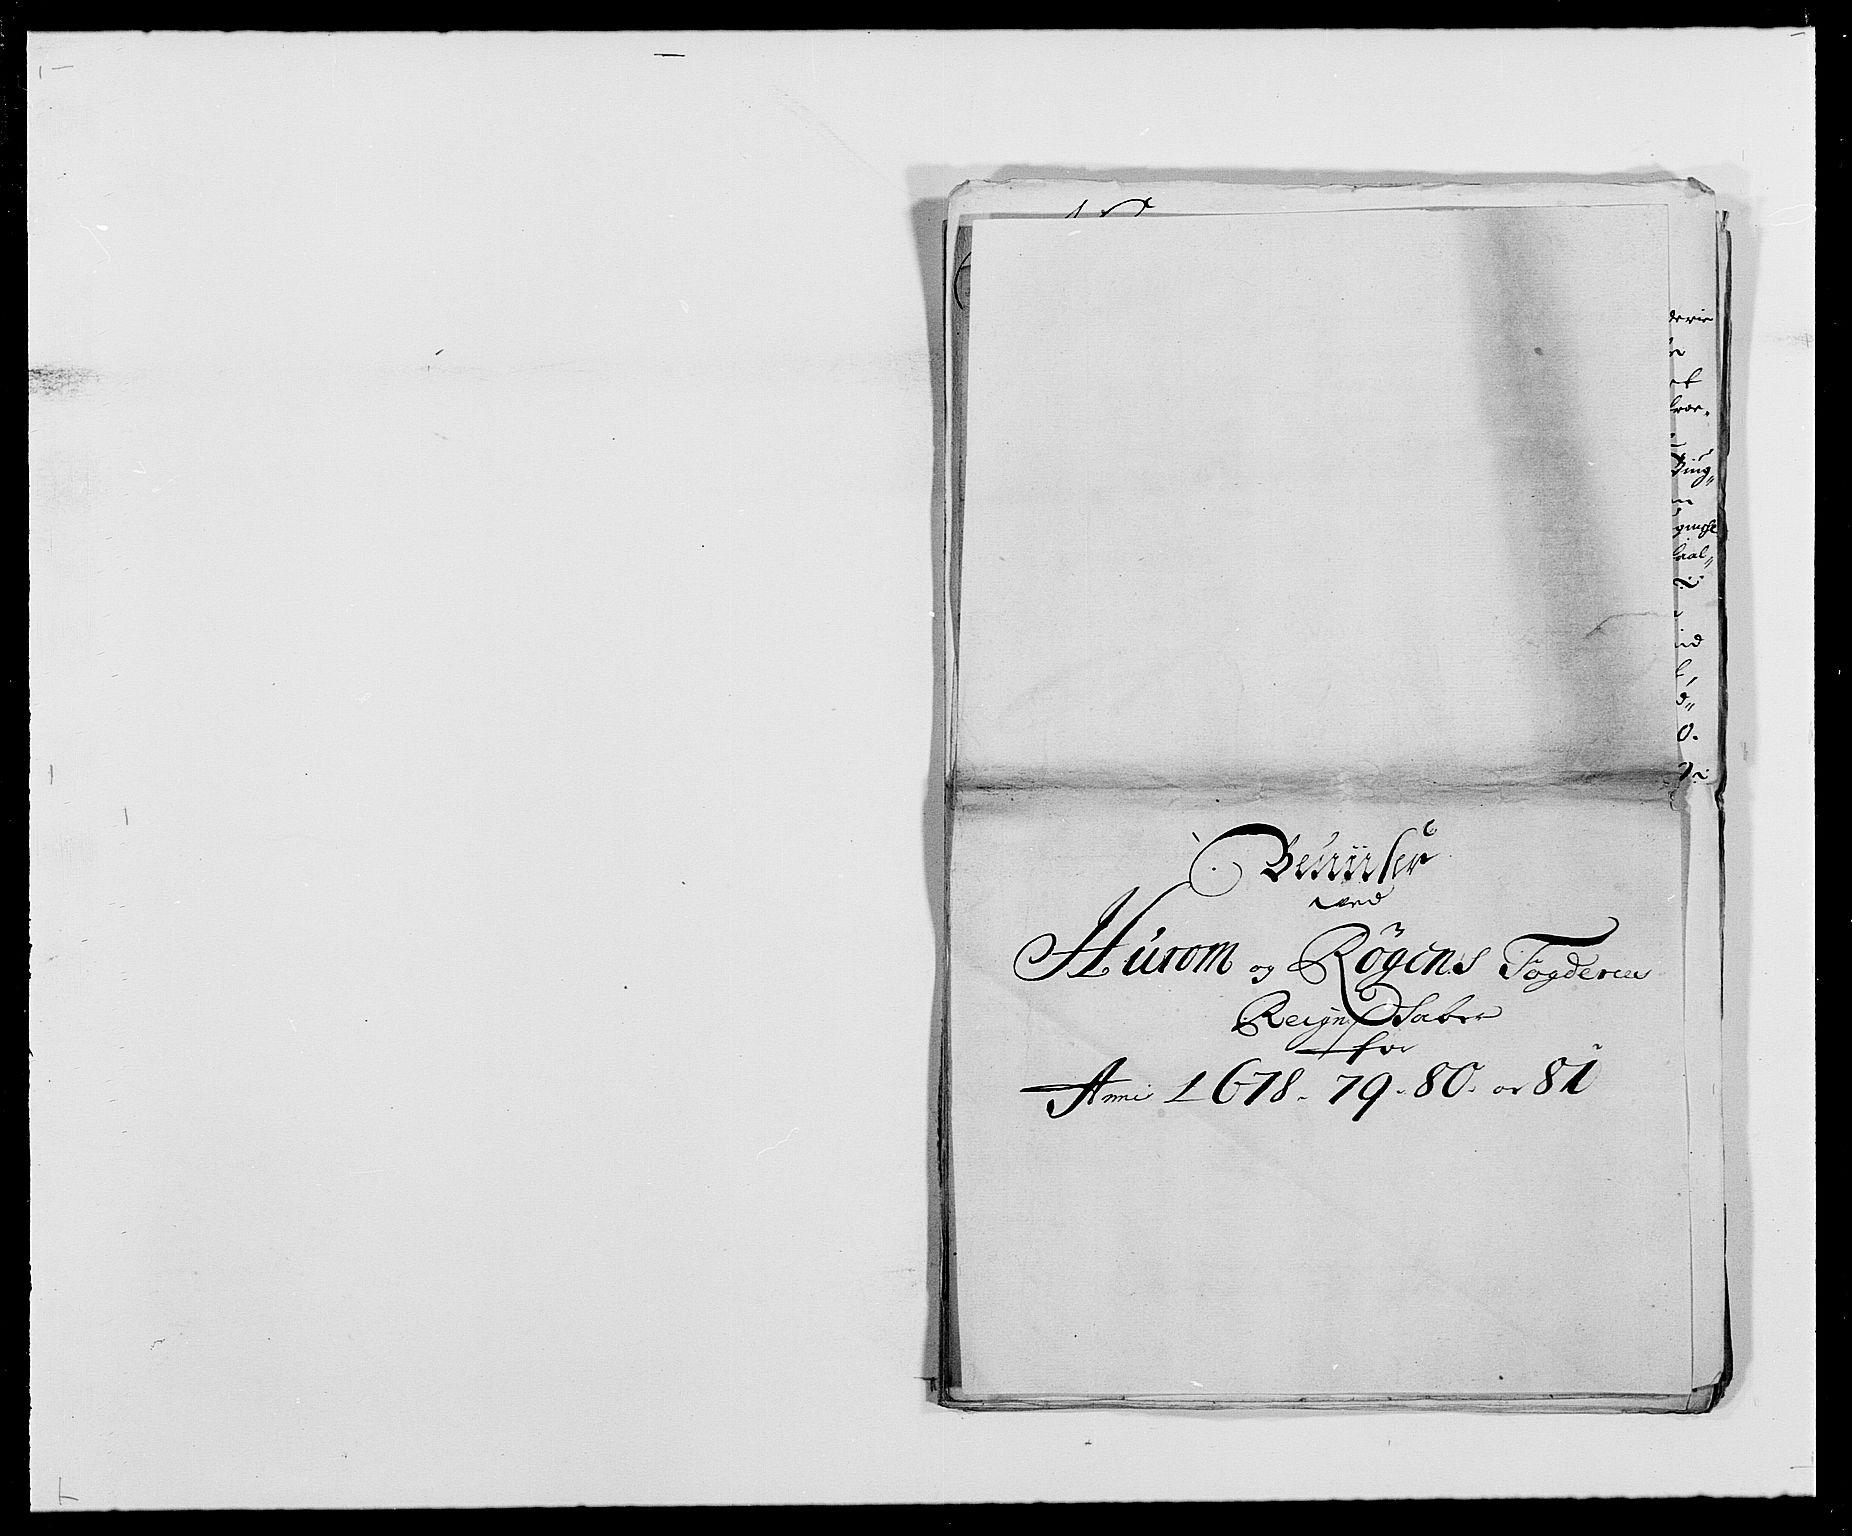 RA, Rentekammeret inntil 1814, Reviderte regnskaper, Fogderegnskap, R29/L1691: Fogderegnskap Hurum og Røyken, 1678-1681, s. 416